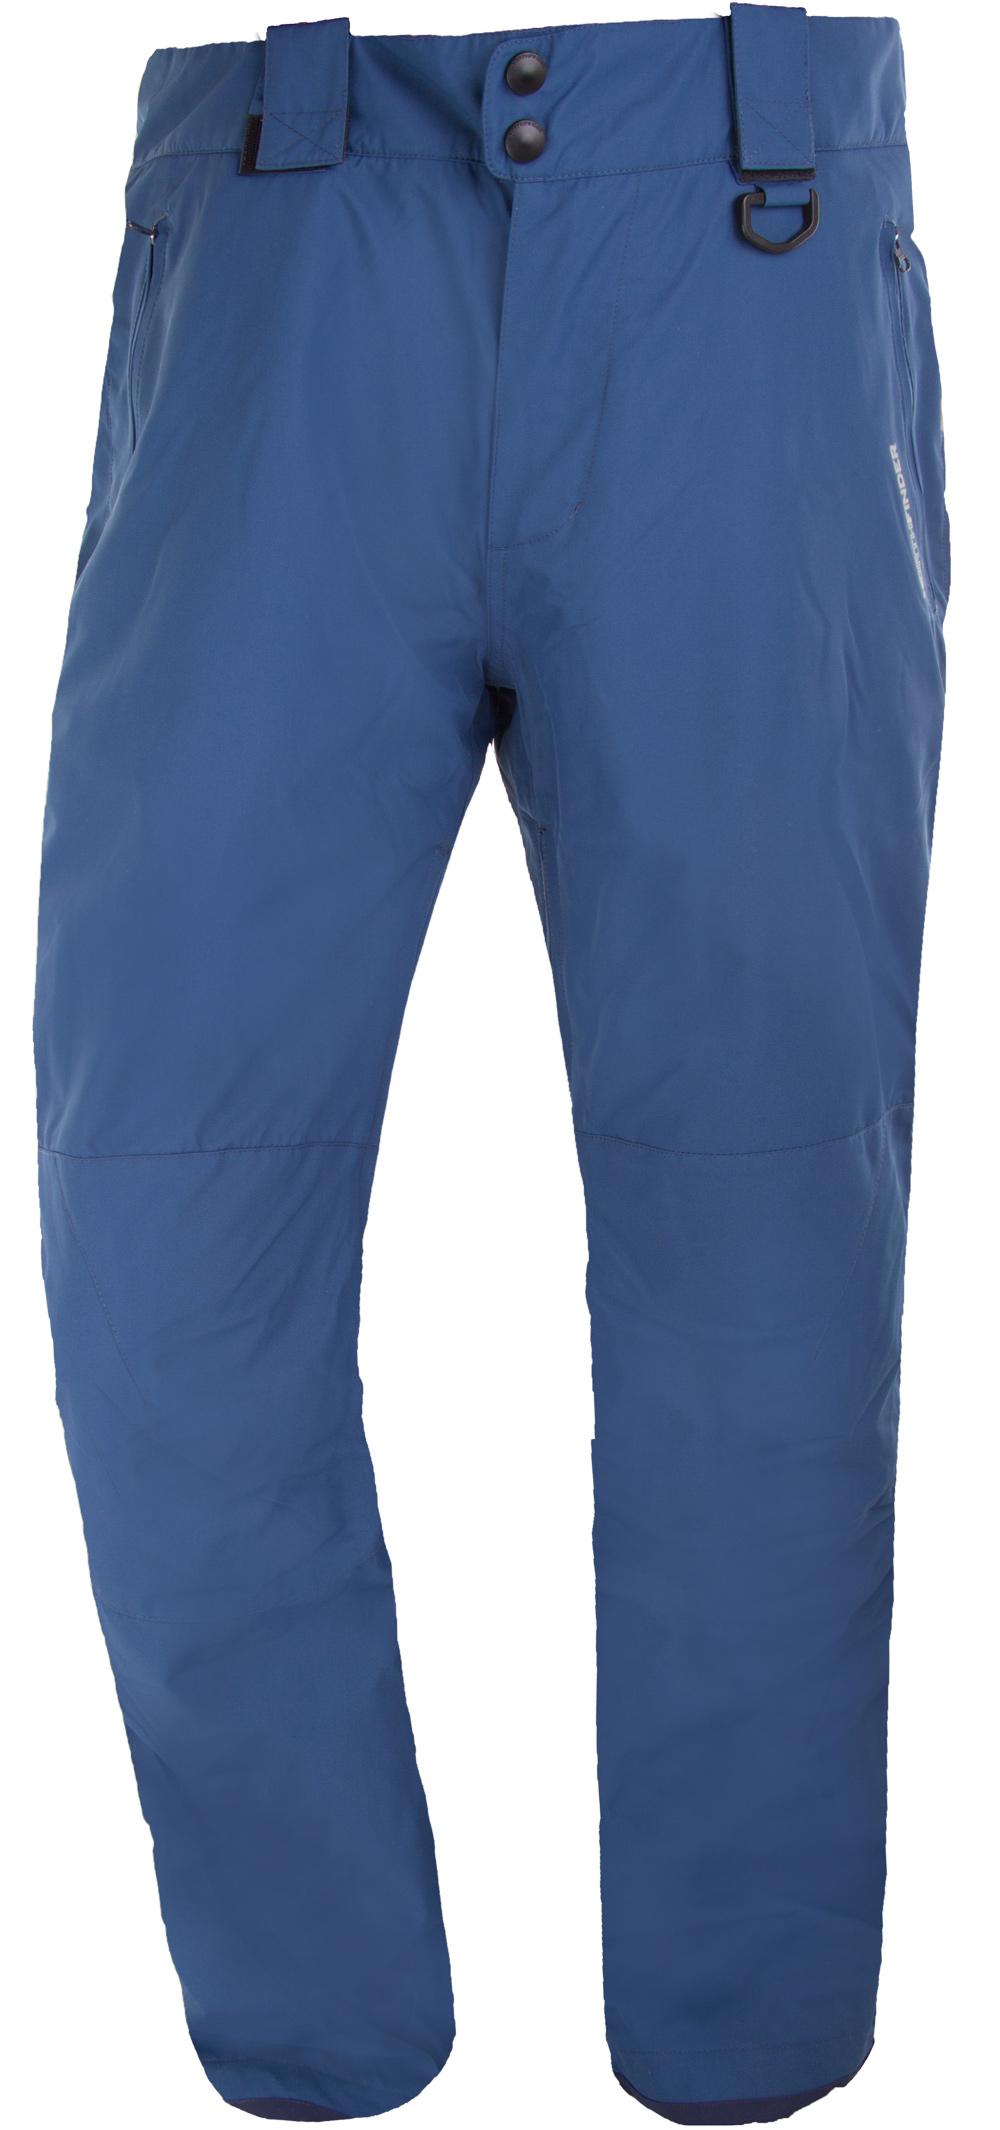 Lyžařské kalhoty pánské NORTHFINDER URBAN